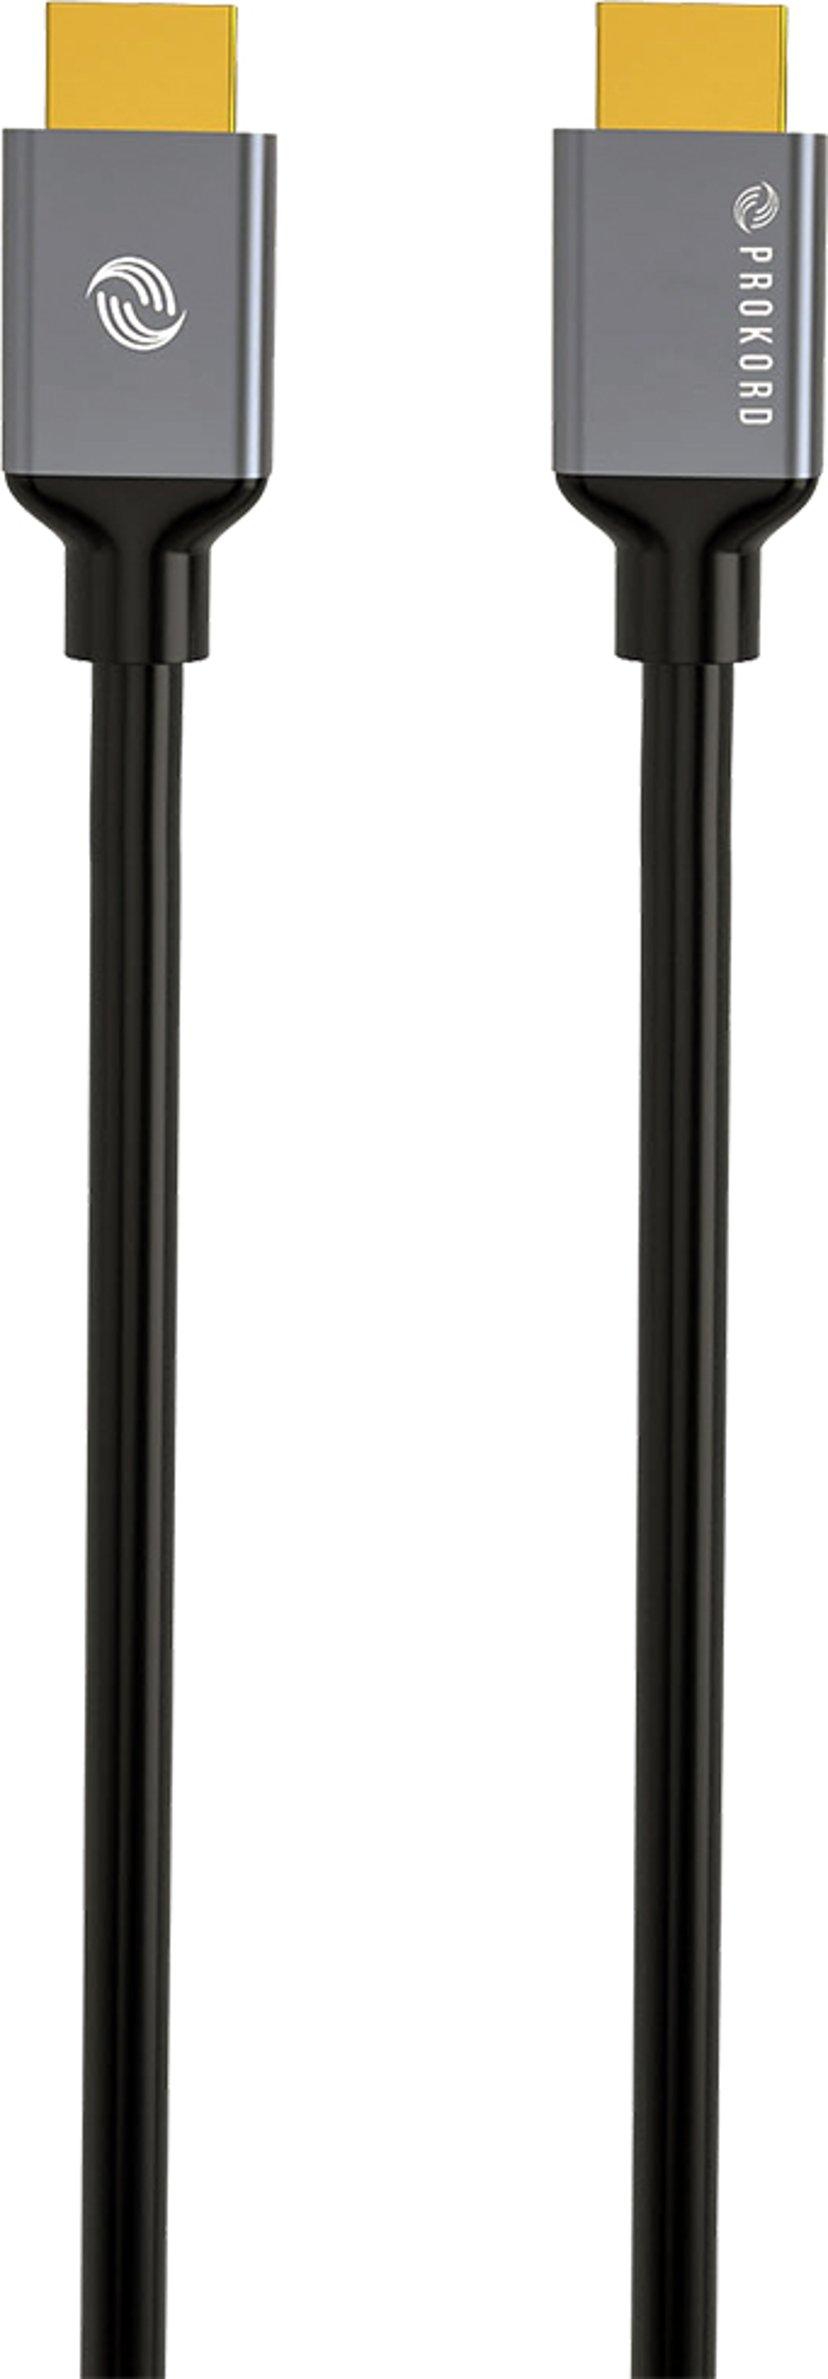 Prokord Black HDMI 2.0 3.0m 3m HDMI Male HDMI Male